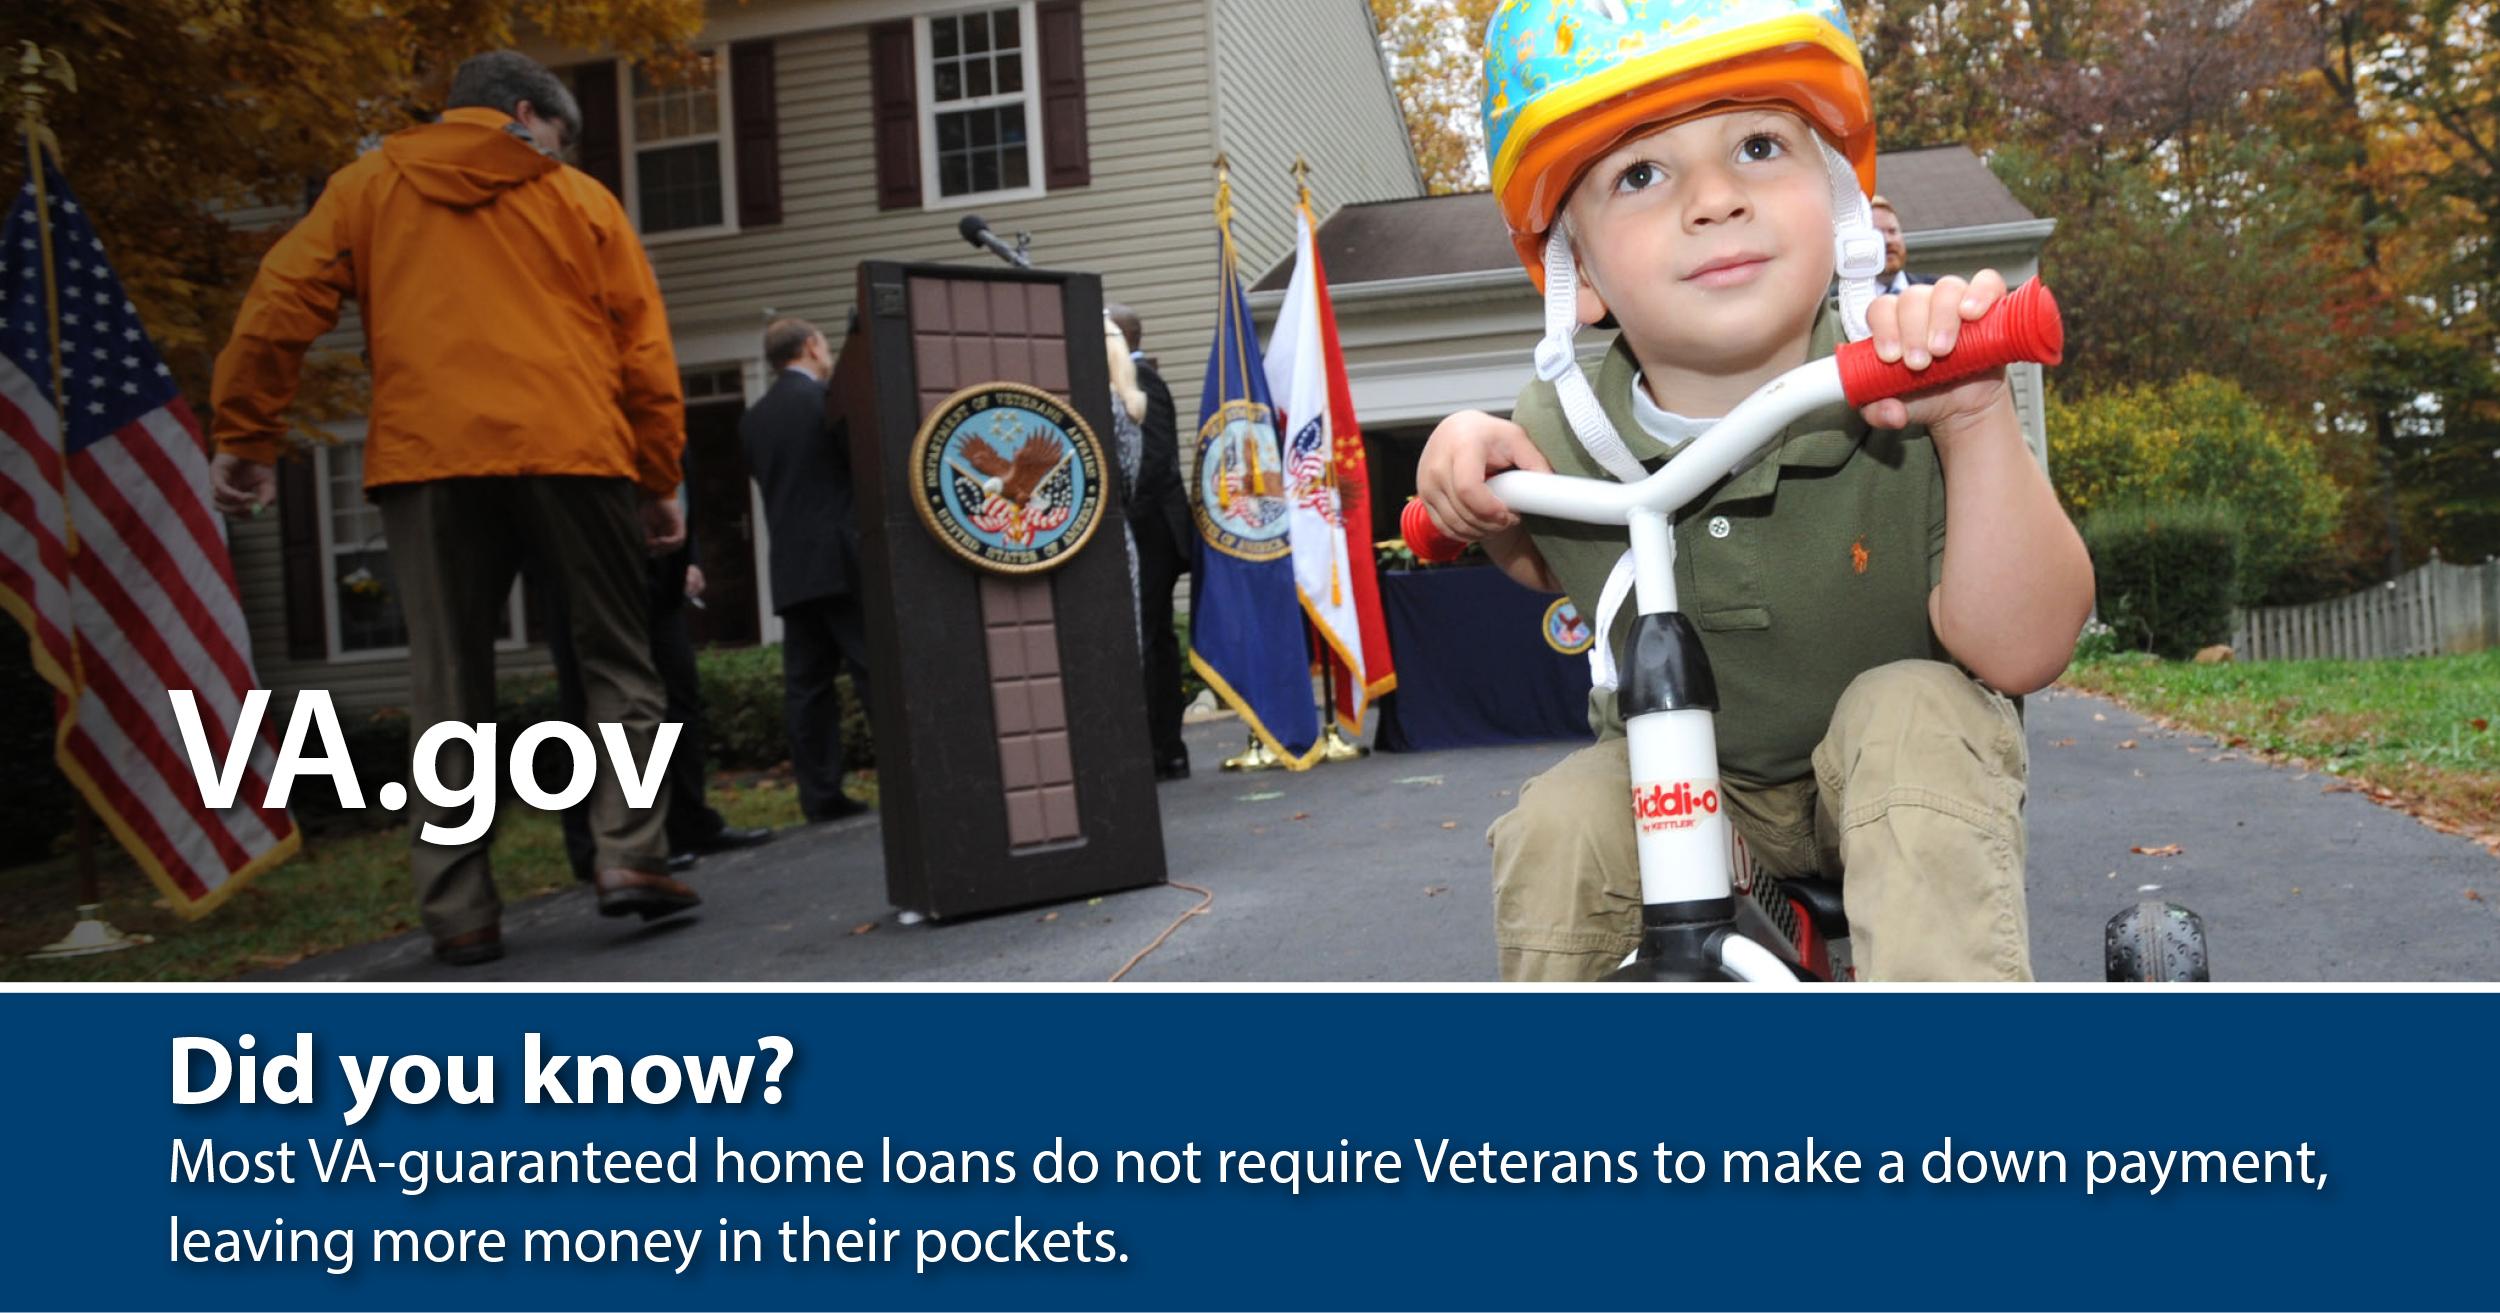 VA offers Veterans home loans